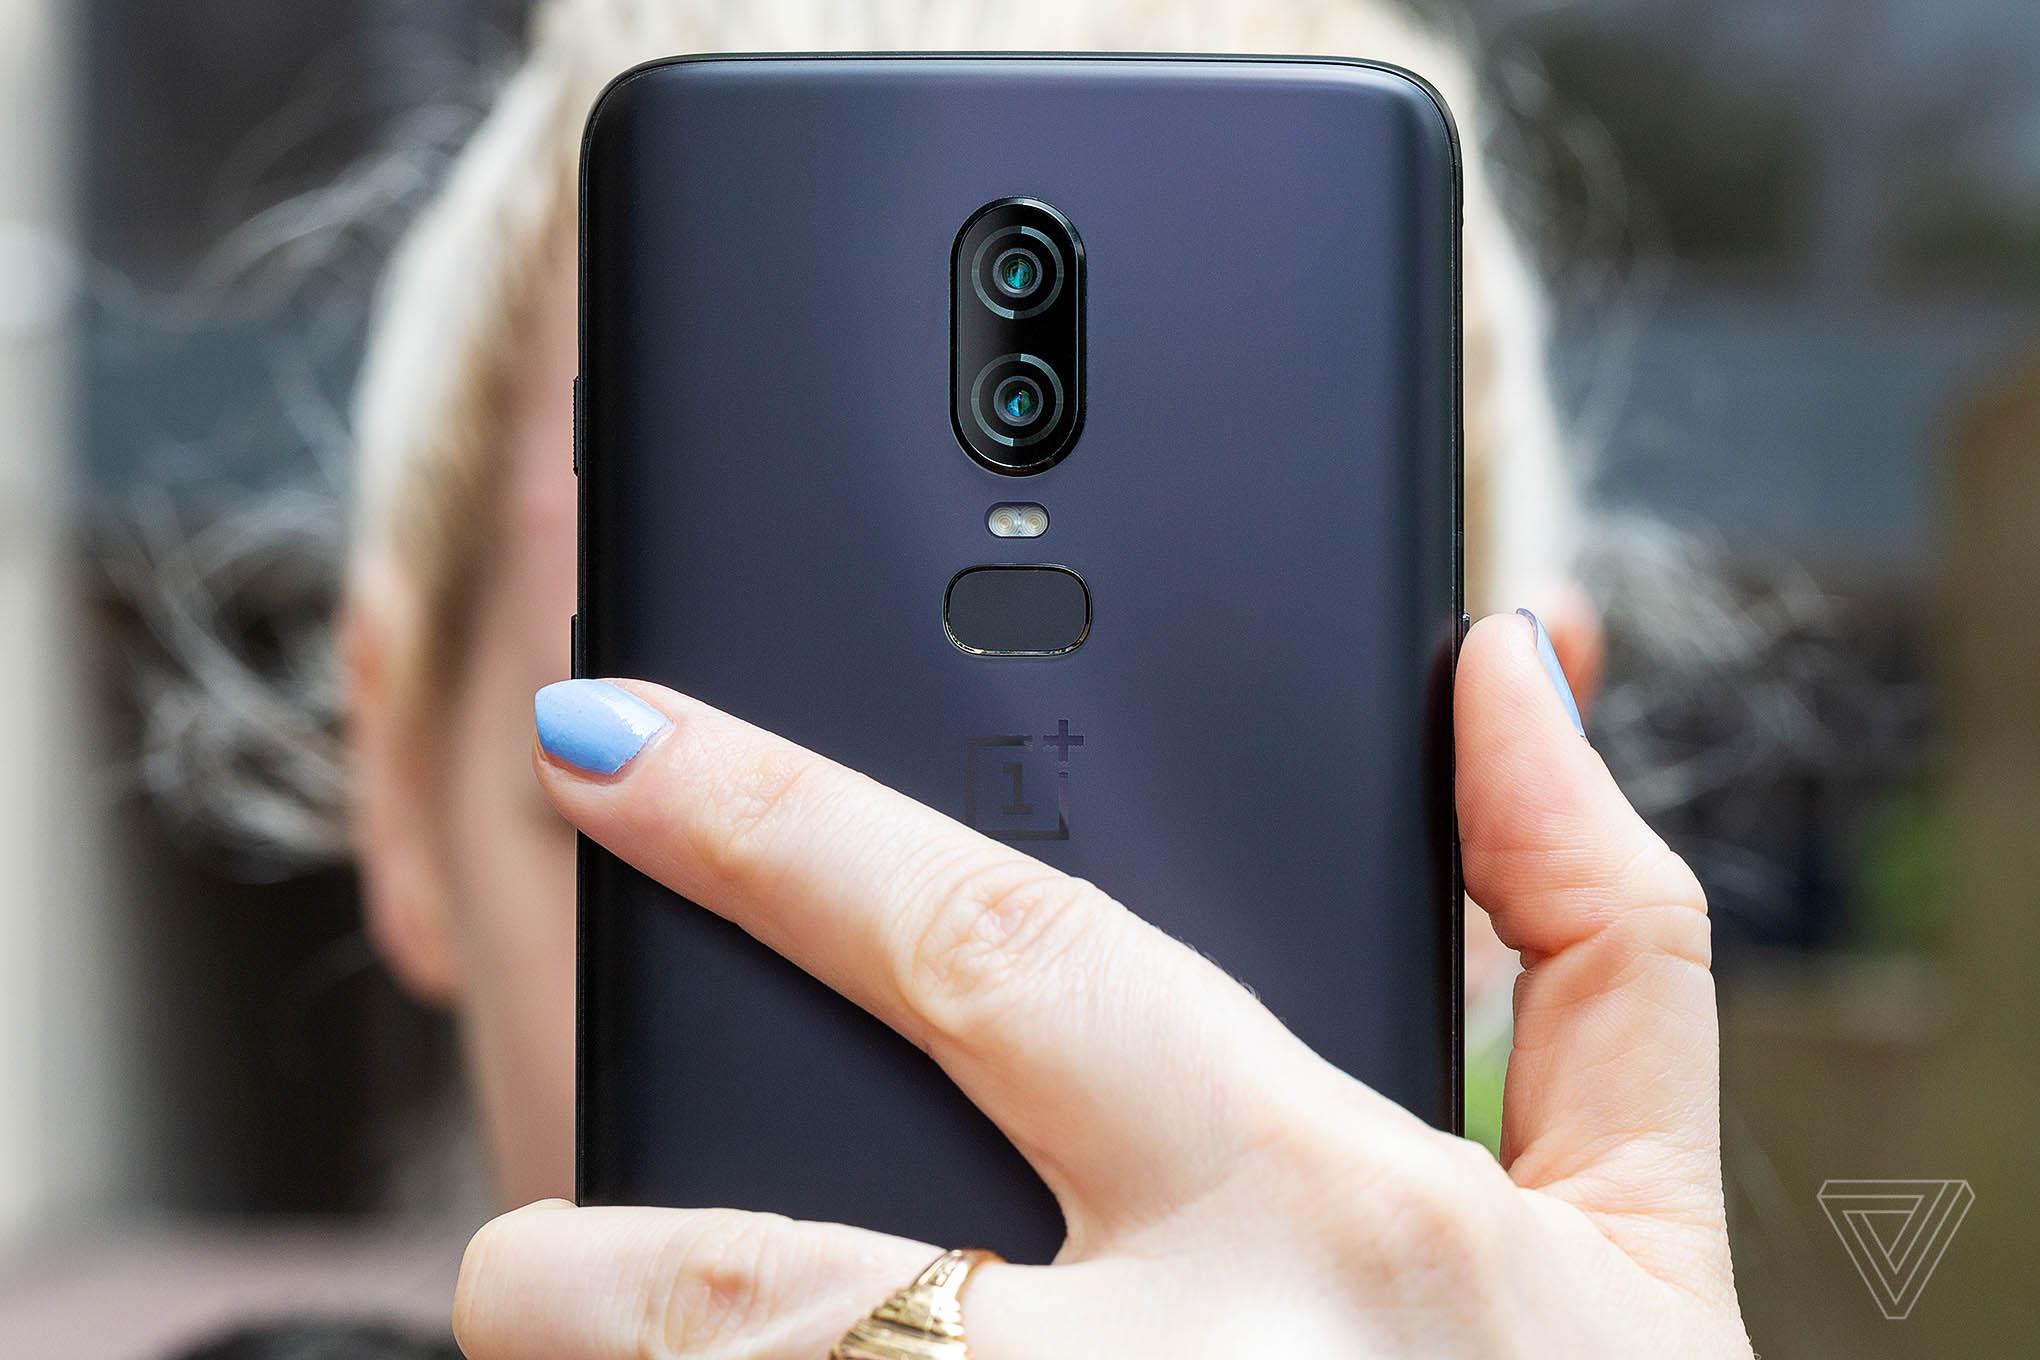 Cận cảnh OnePlus 6: Smartphone màn hình tai thỏ, vi xử lý Snapdragon 845 giá chỉ 529 USD